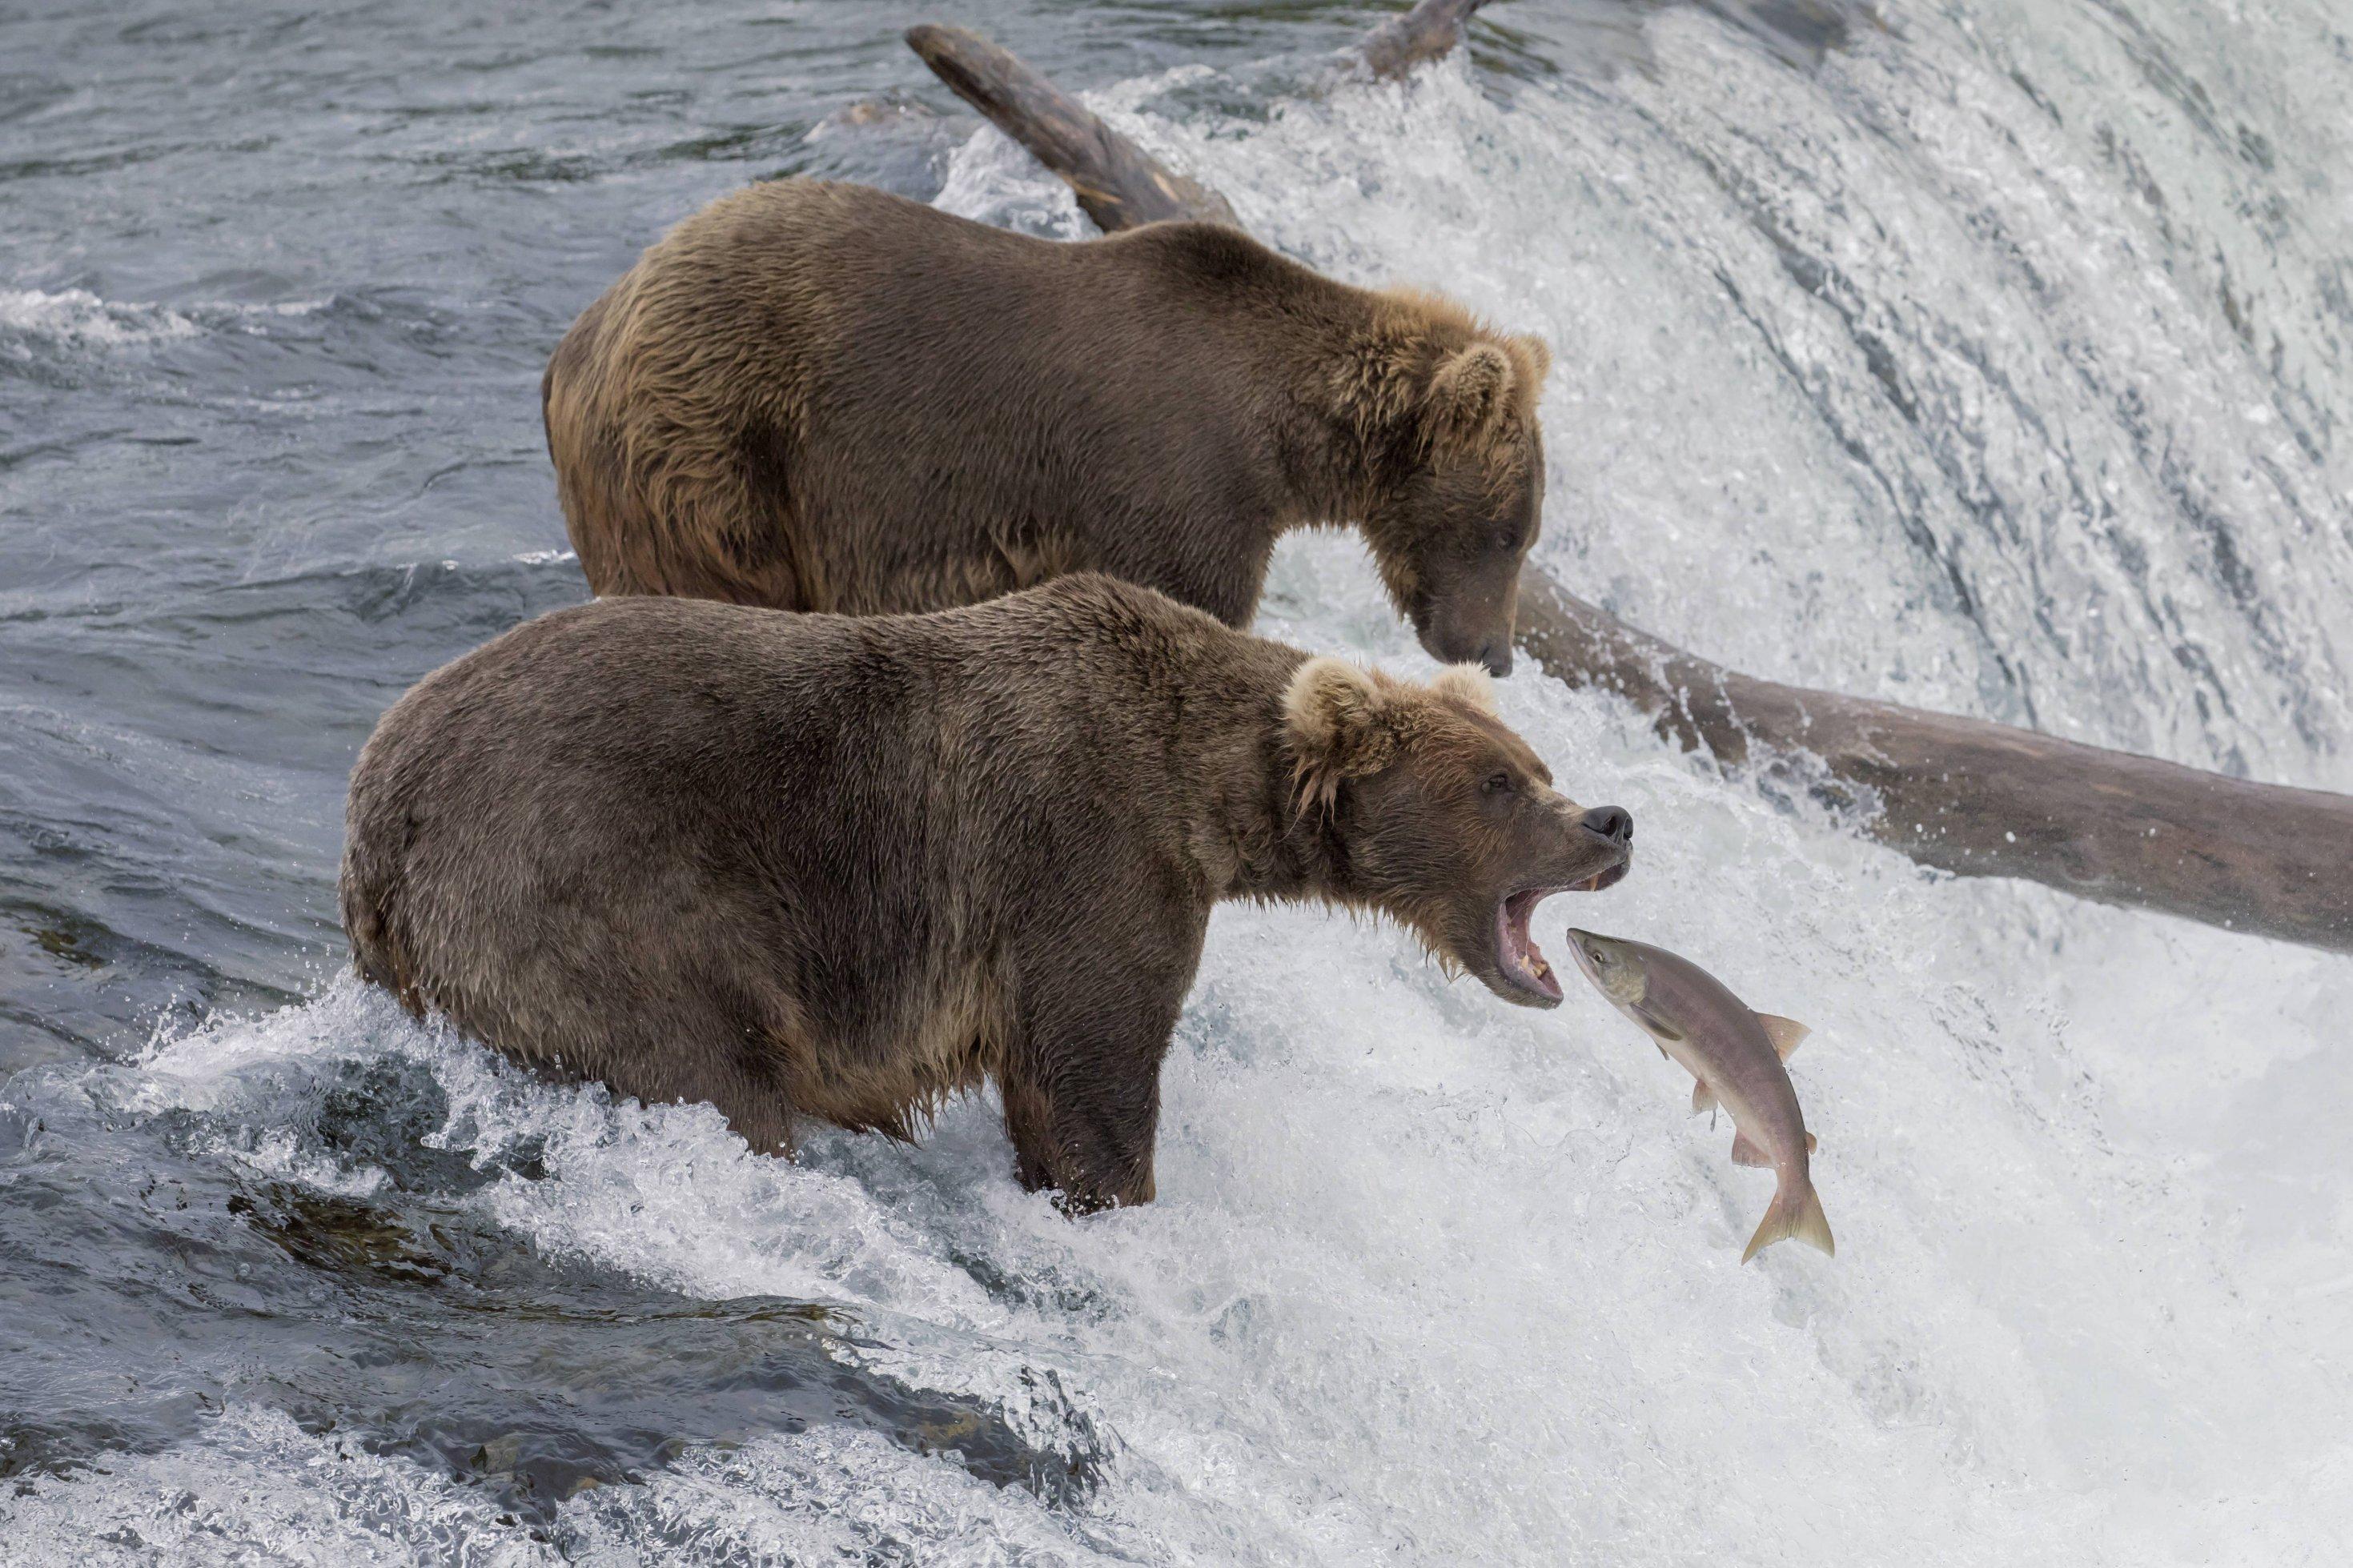 Braunbär sitzt in einem Fluss. Springender Lachs befindet sich direkt vor dem Maul des Bären.